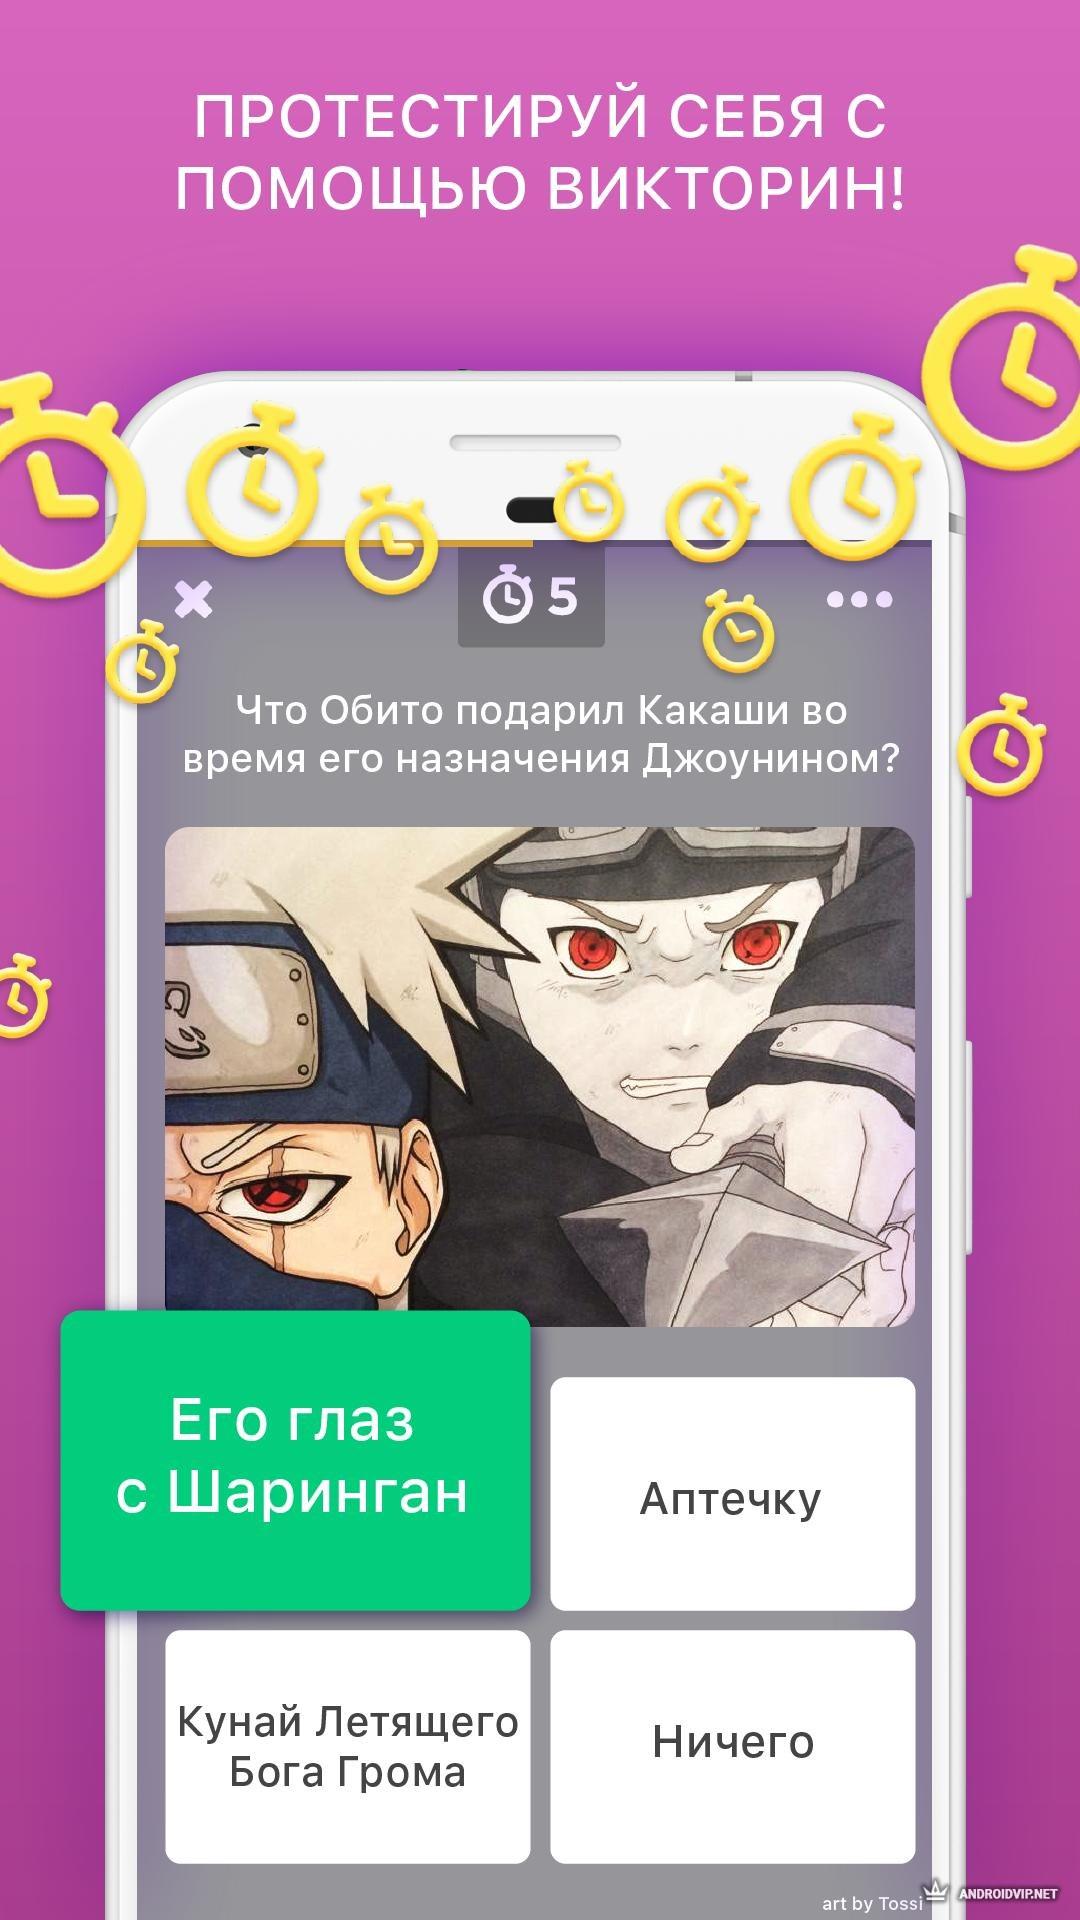 Аниме Amino скачать на андроид бесплатно версия APK 3.4.33404